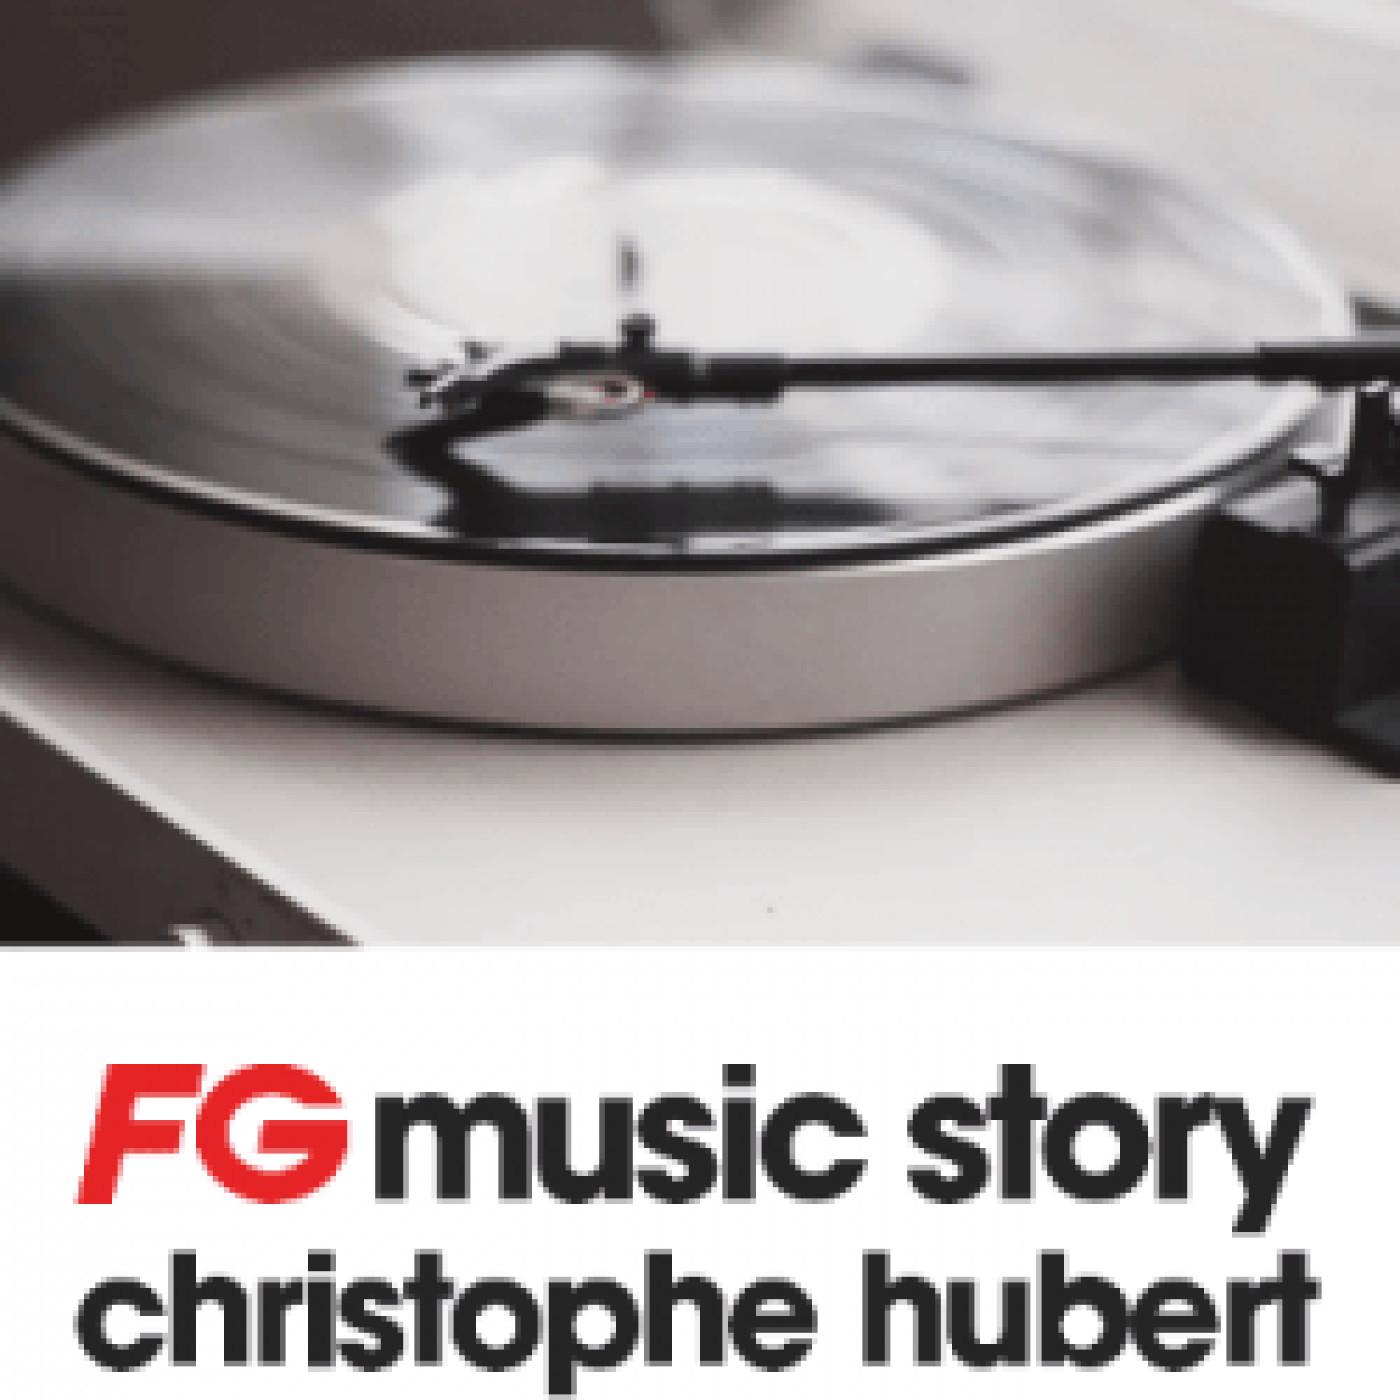 FG MUSIC STORY : DUKE DUMONT